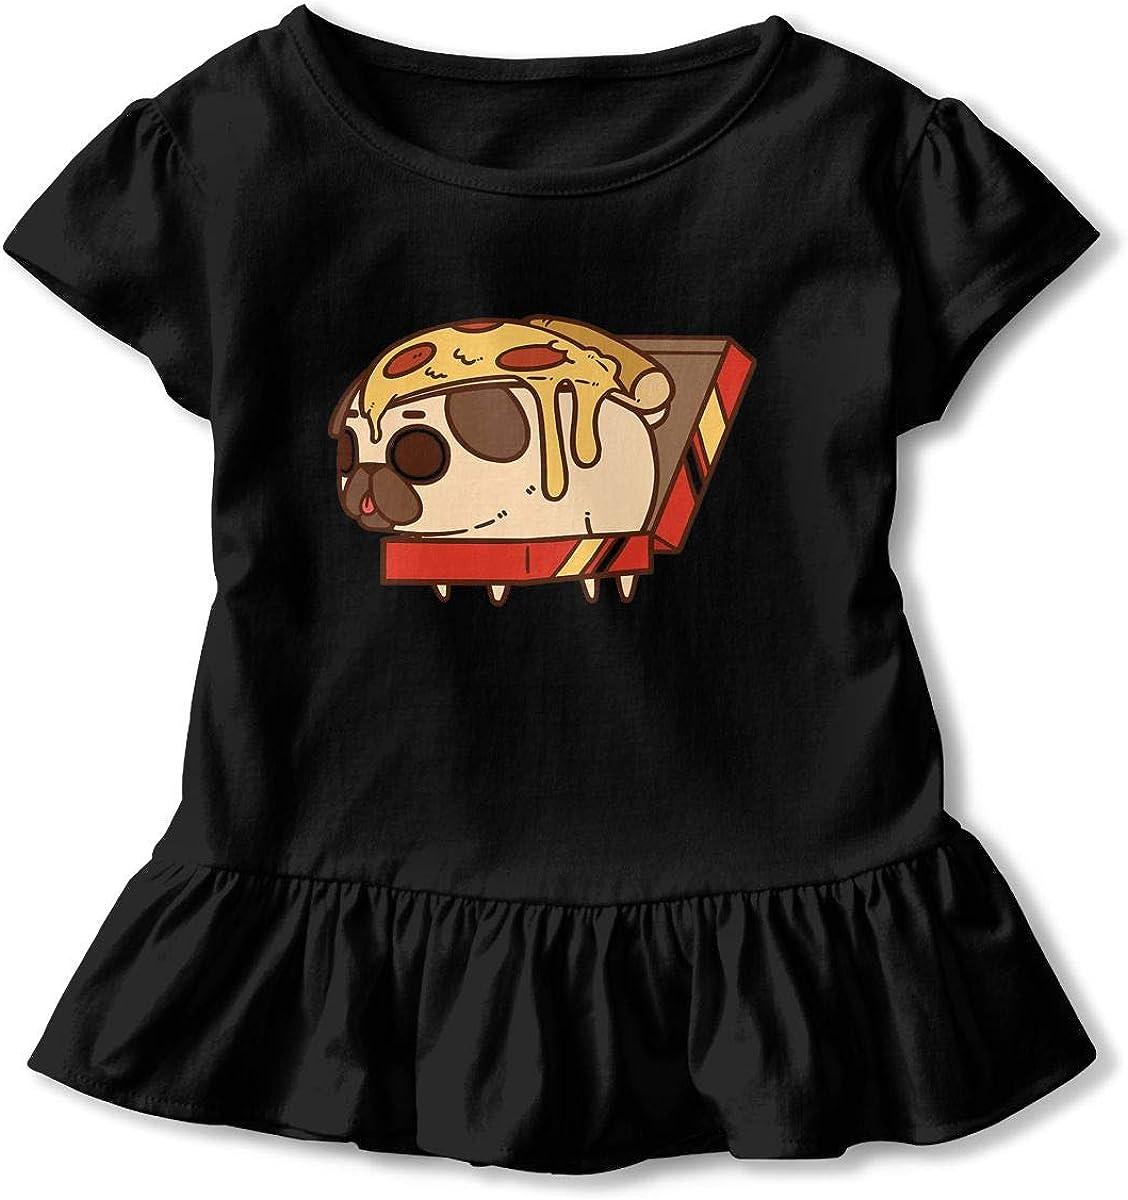 Cheng Jian Bo Puglie Pizza Toddler Girls T Shirt Kids Cotton Short Sleeve Ruffle Tee